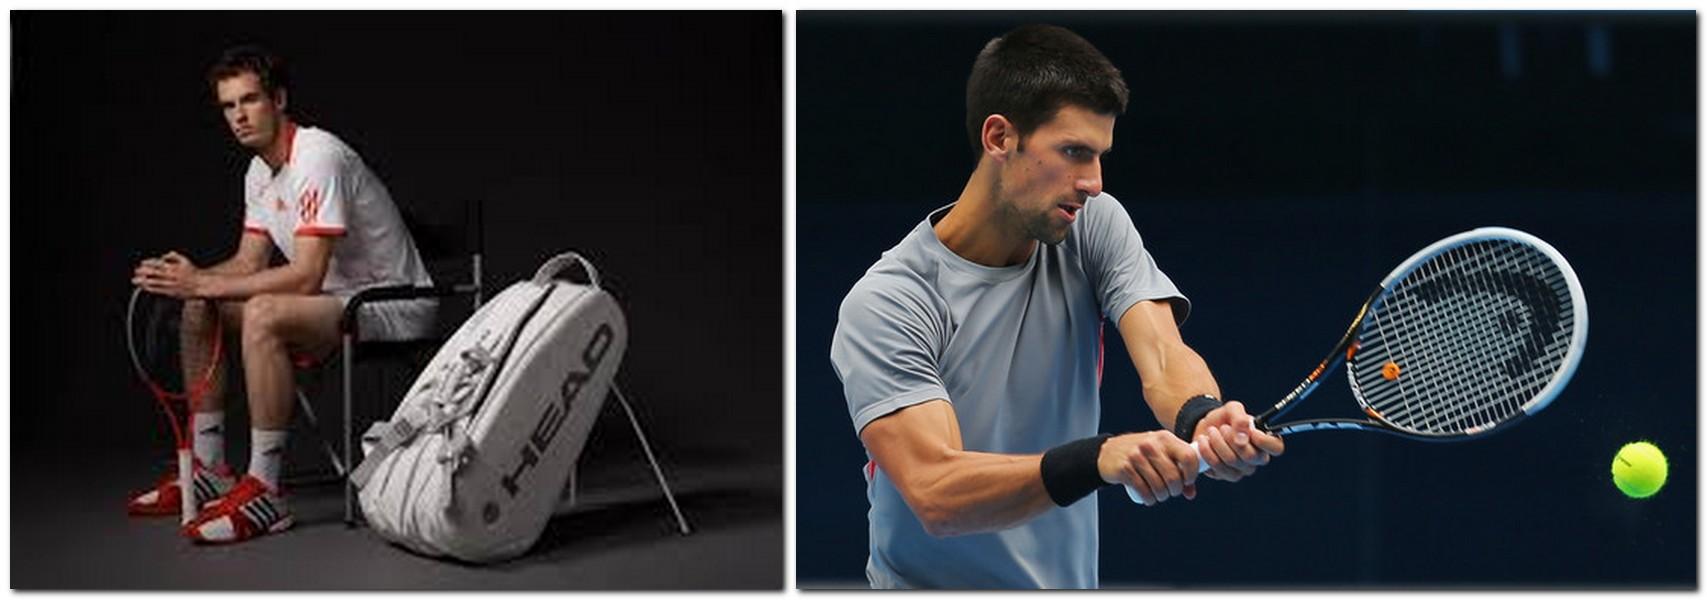 Novak Djokovic commercial